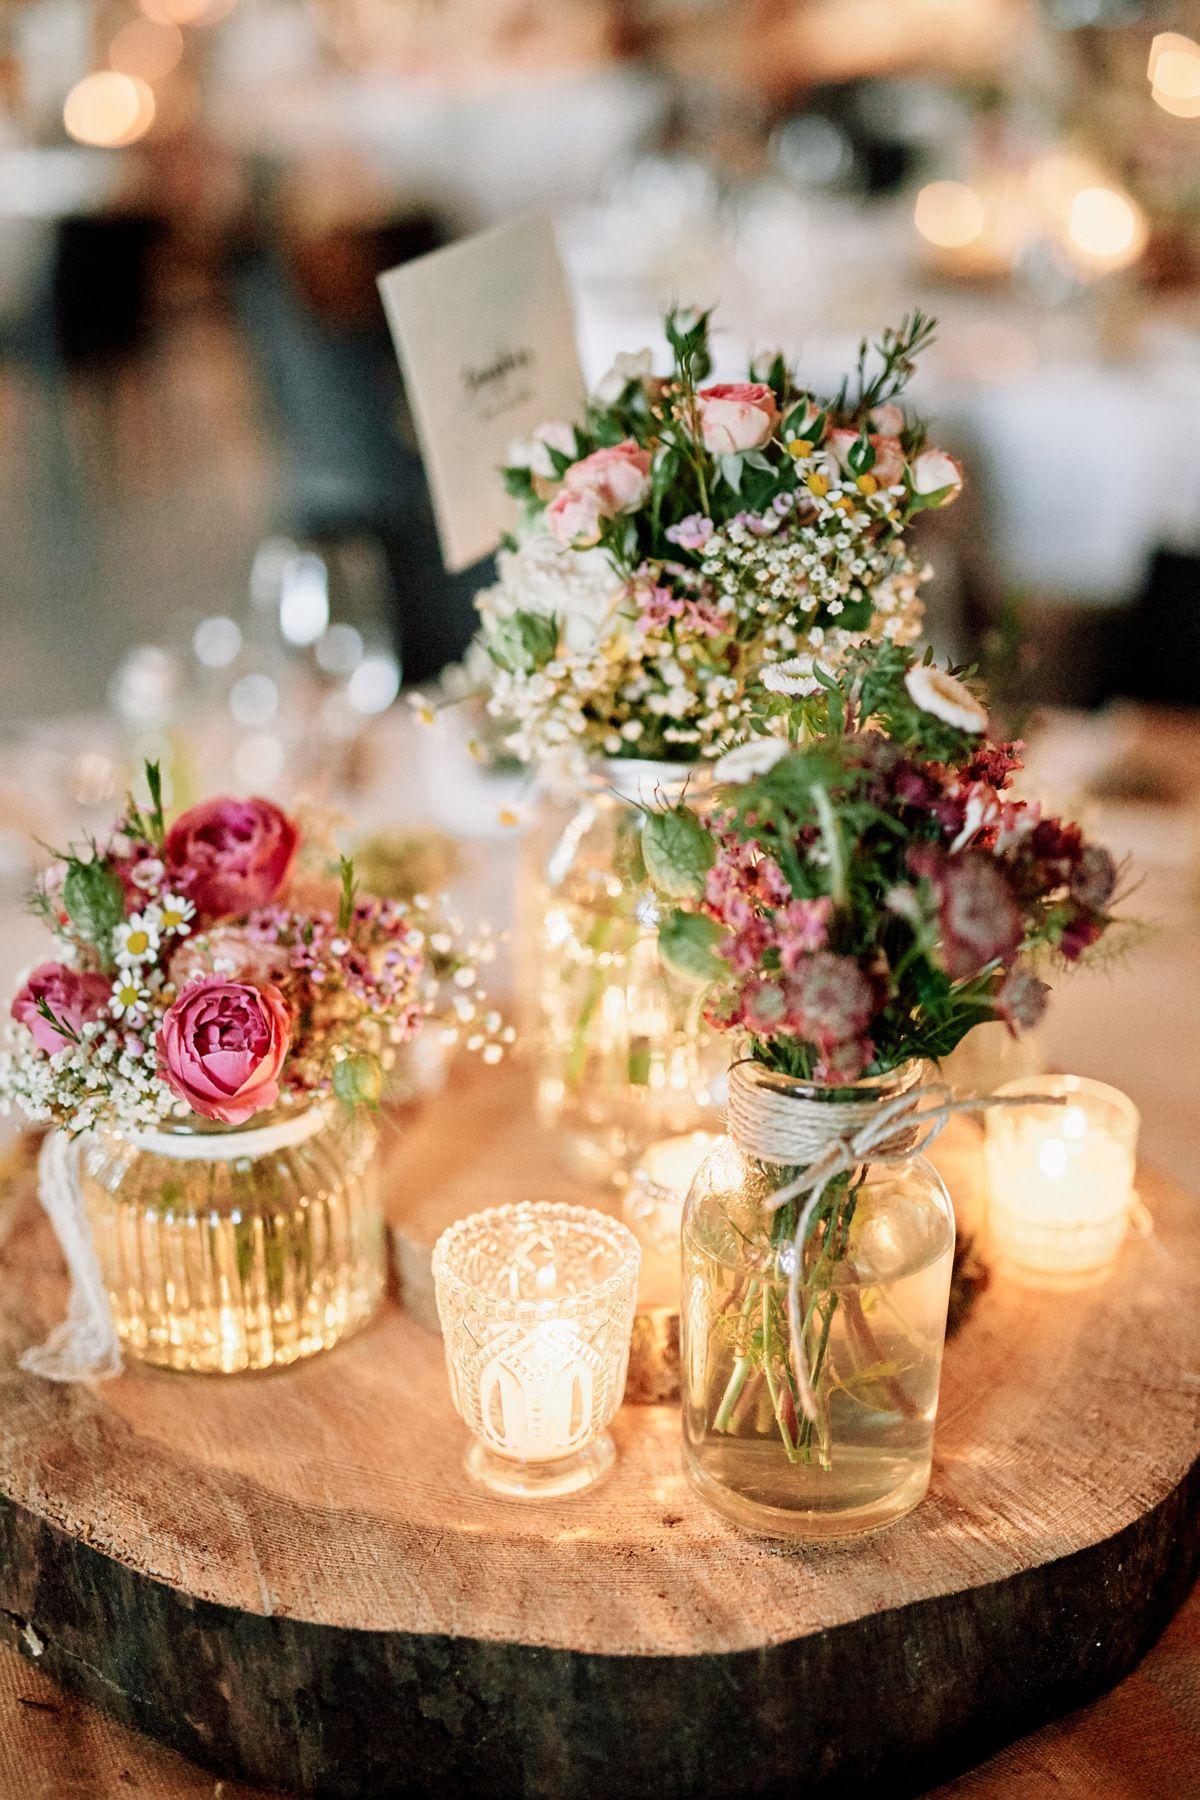 Originelle Landhaushochzeit Mit Vw Bulli Hochzeitsblog The Little Wedding Corner Dekoration Hochzeit Tischdekoration Hochzeit Blumen Hochzeit Deko Tisch